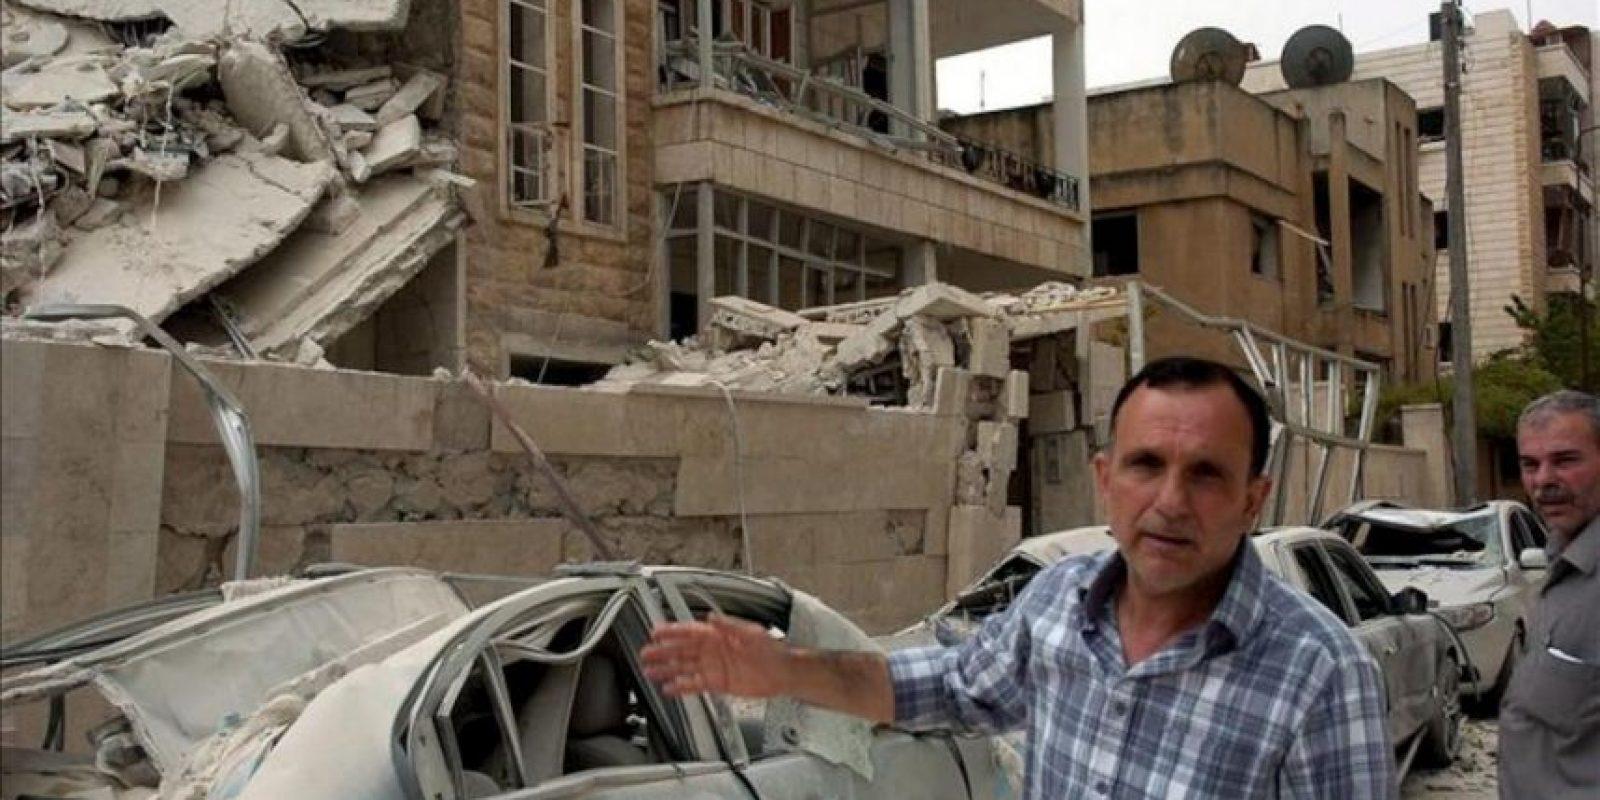 Fotografía distribuida por la Agencia Árabe Siria de Noticias SANA, que muestra a varias personas junto a un edificio afectado por una explosión hoy lunes 30 de abril de 2012 en Idleb, Siria. EFE